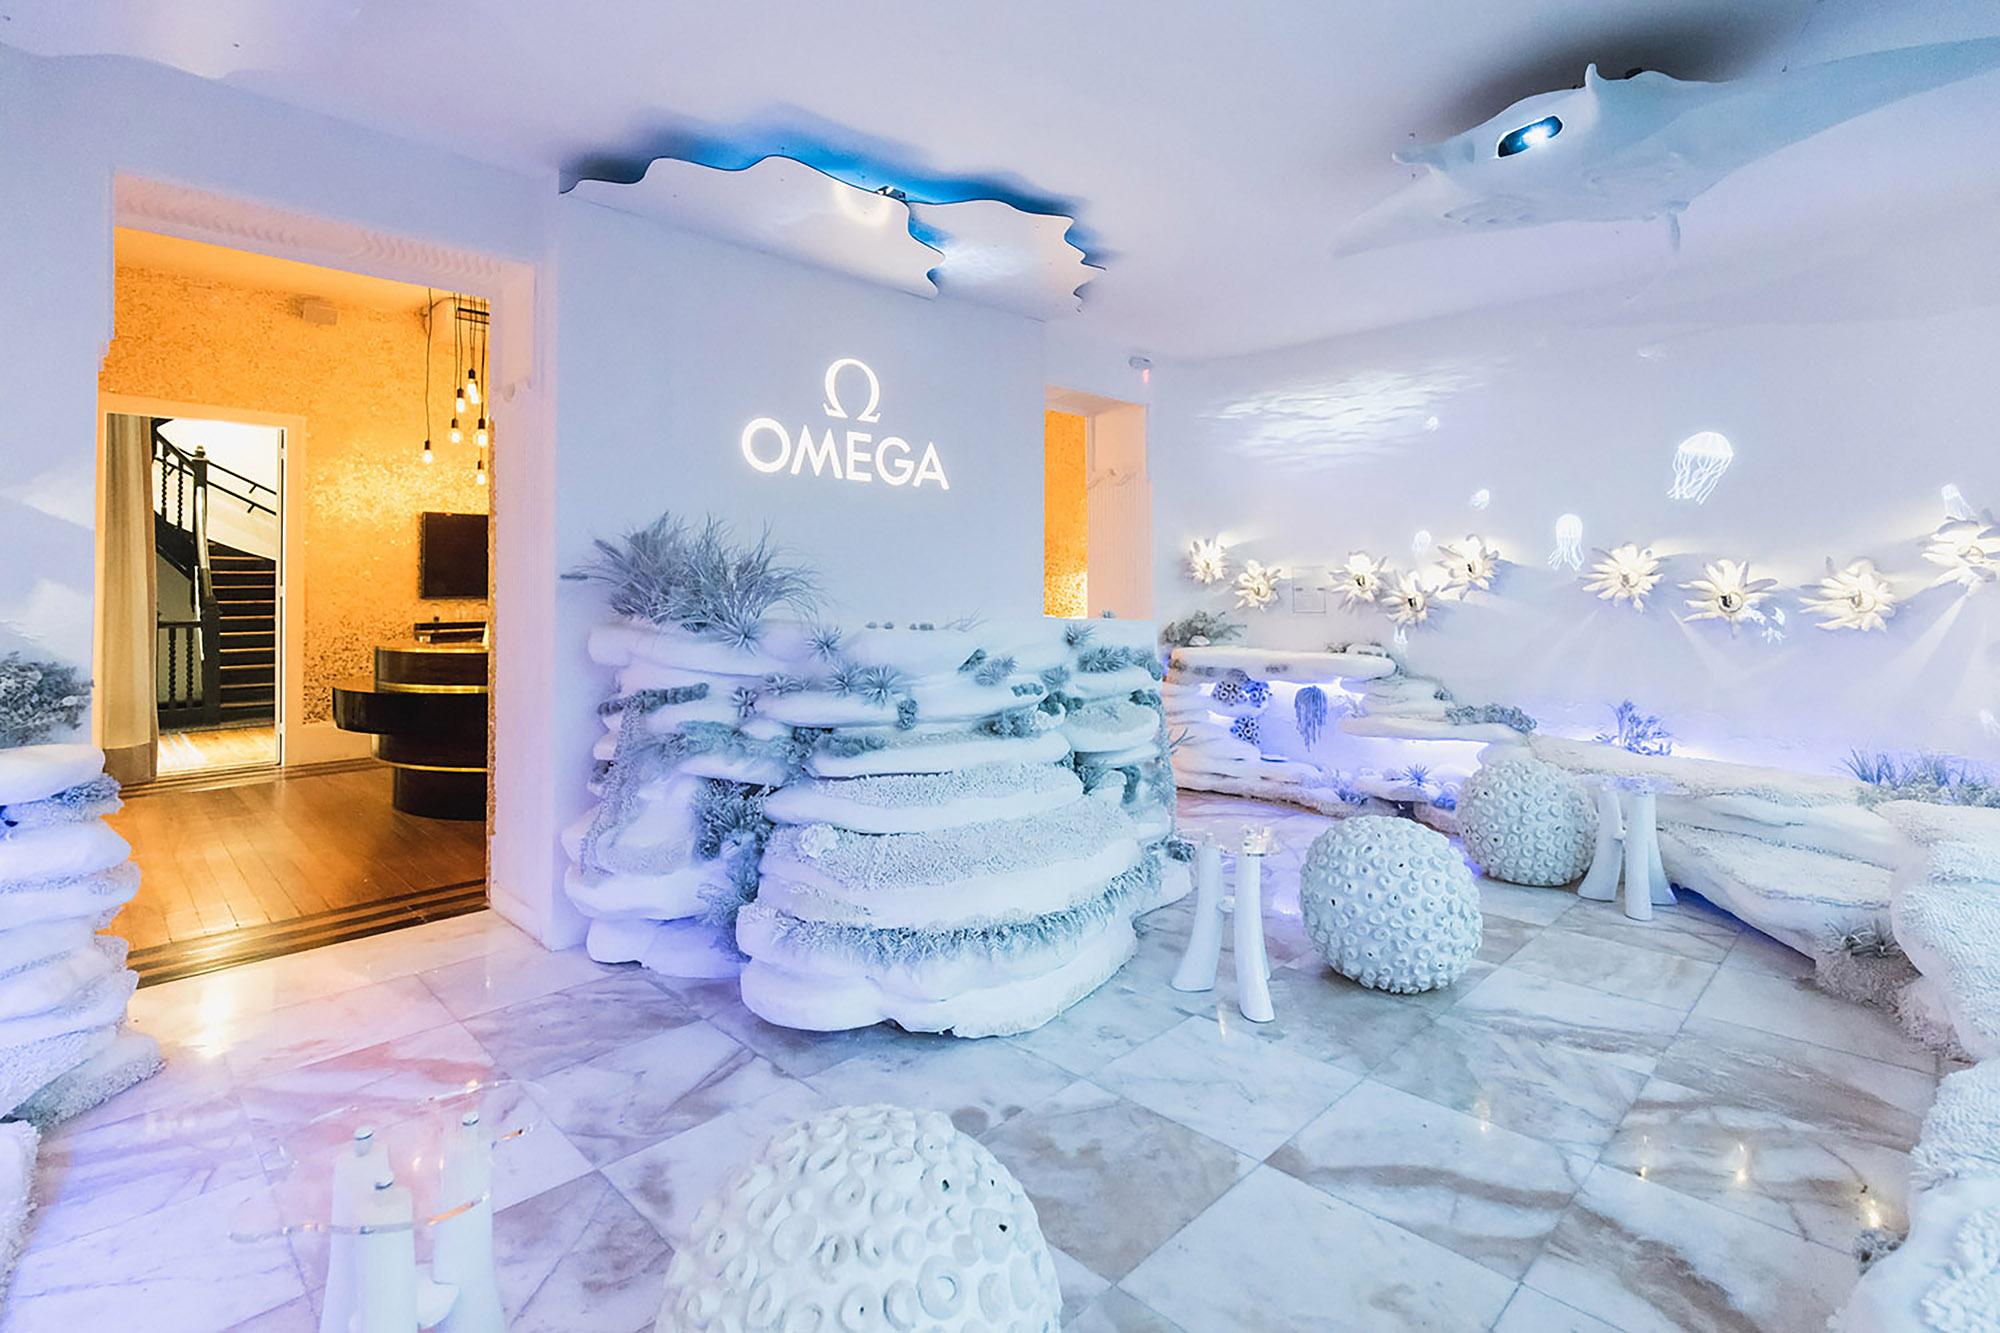 OMEGA_RIO16_002411